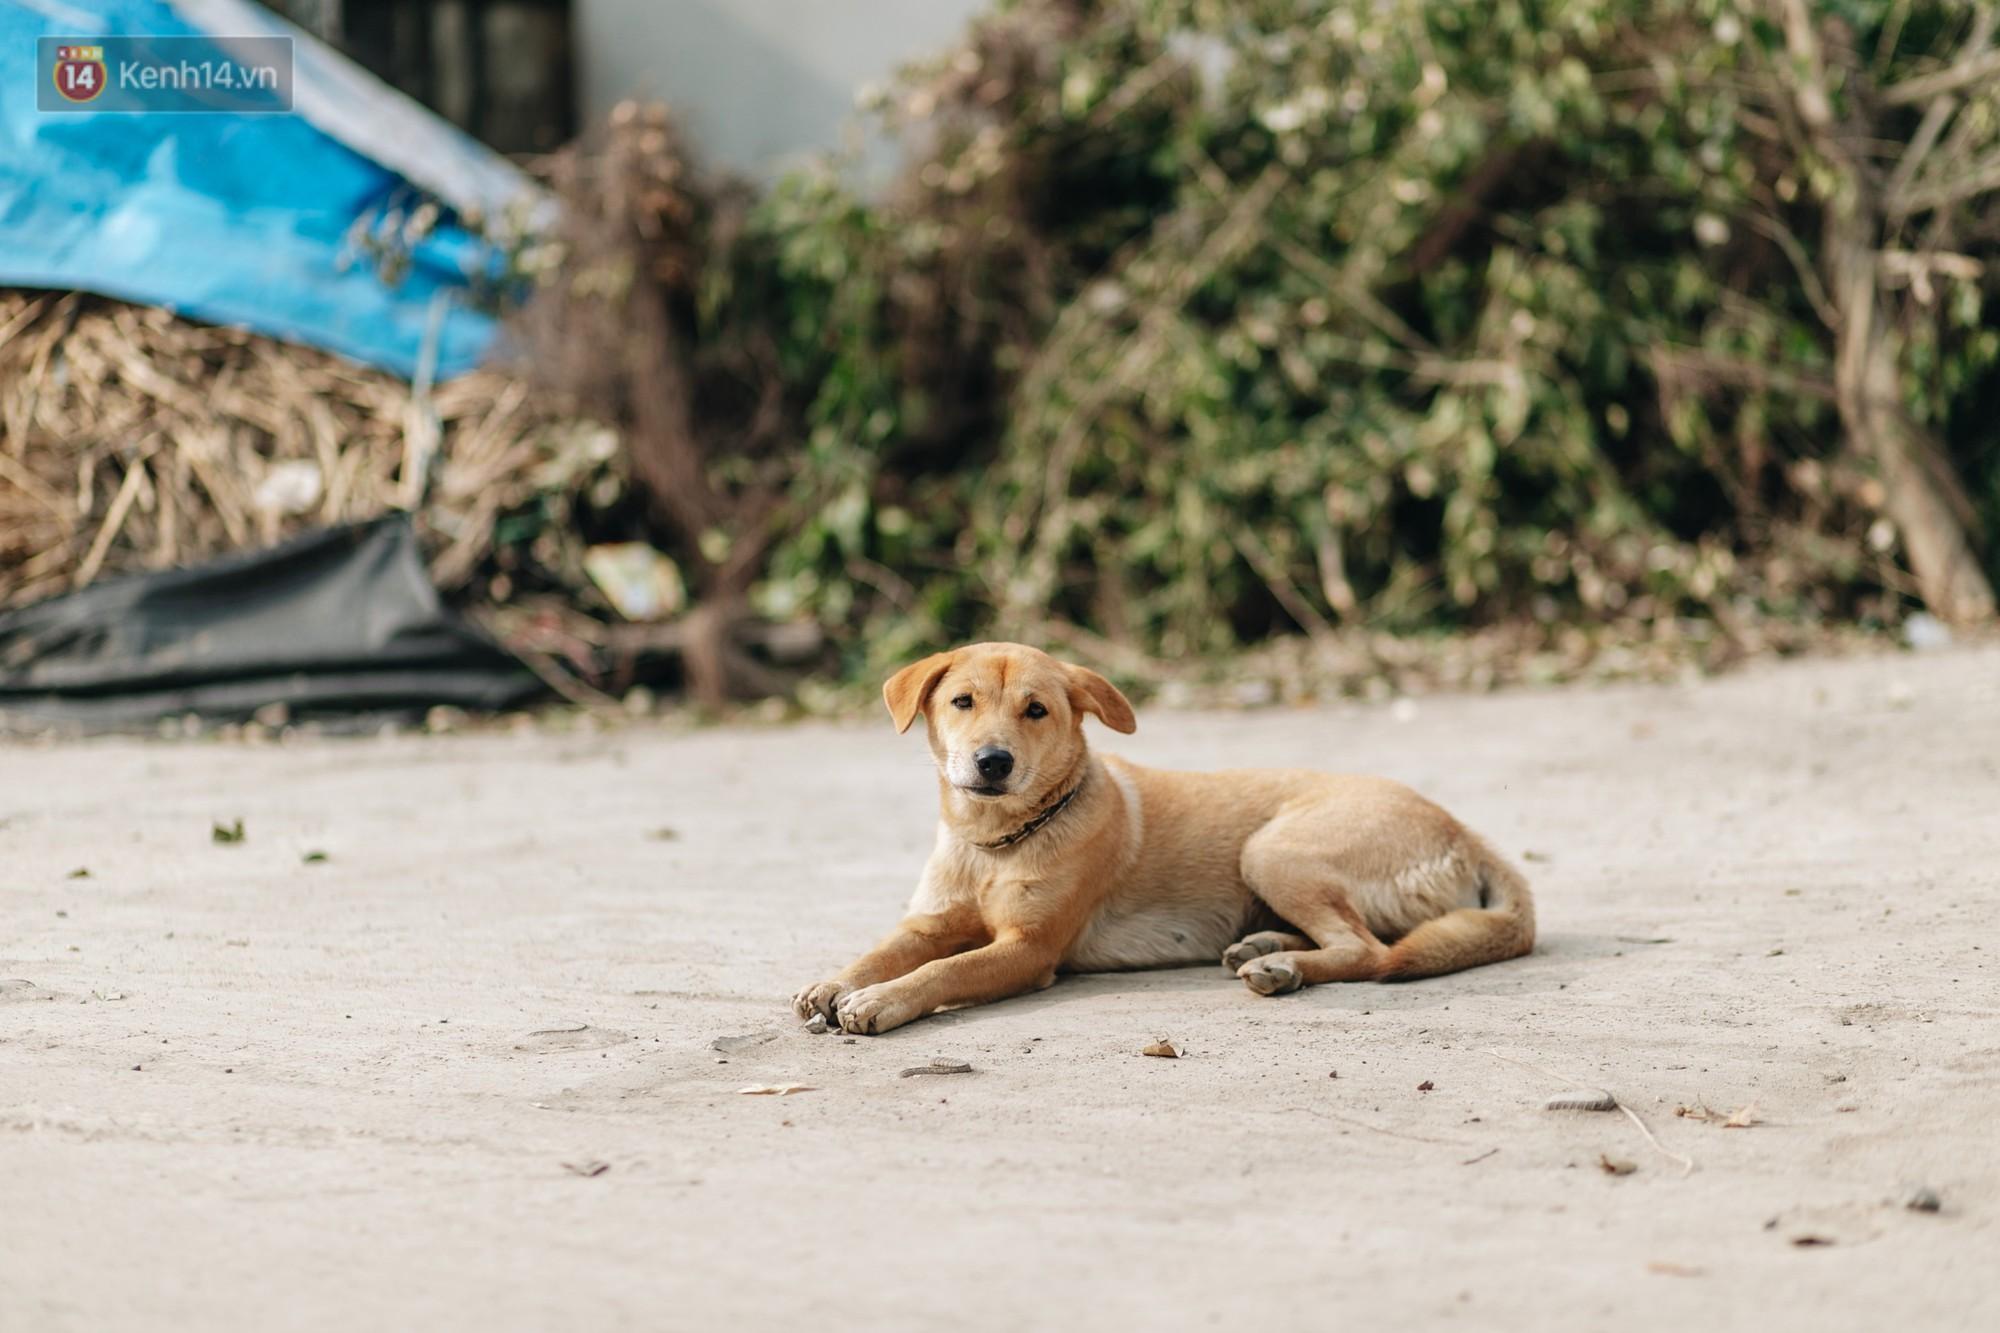 Về thăm ngôi làng ở Hà Nội ăn cả tấn thịt chó vào mùng 4 Tết hàng năm: Không ép bất cứ ai nếu họ không muốn ăn - Ảnh 5.